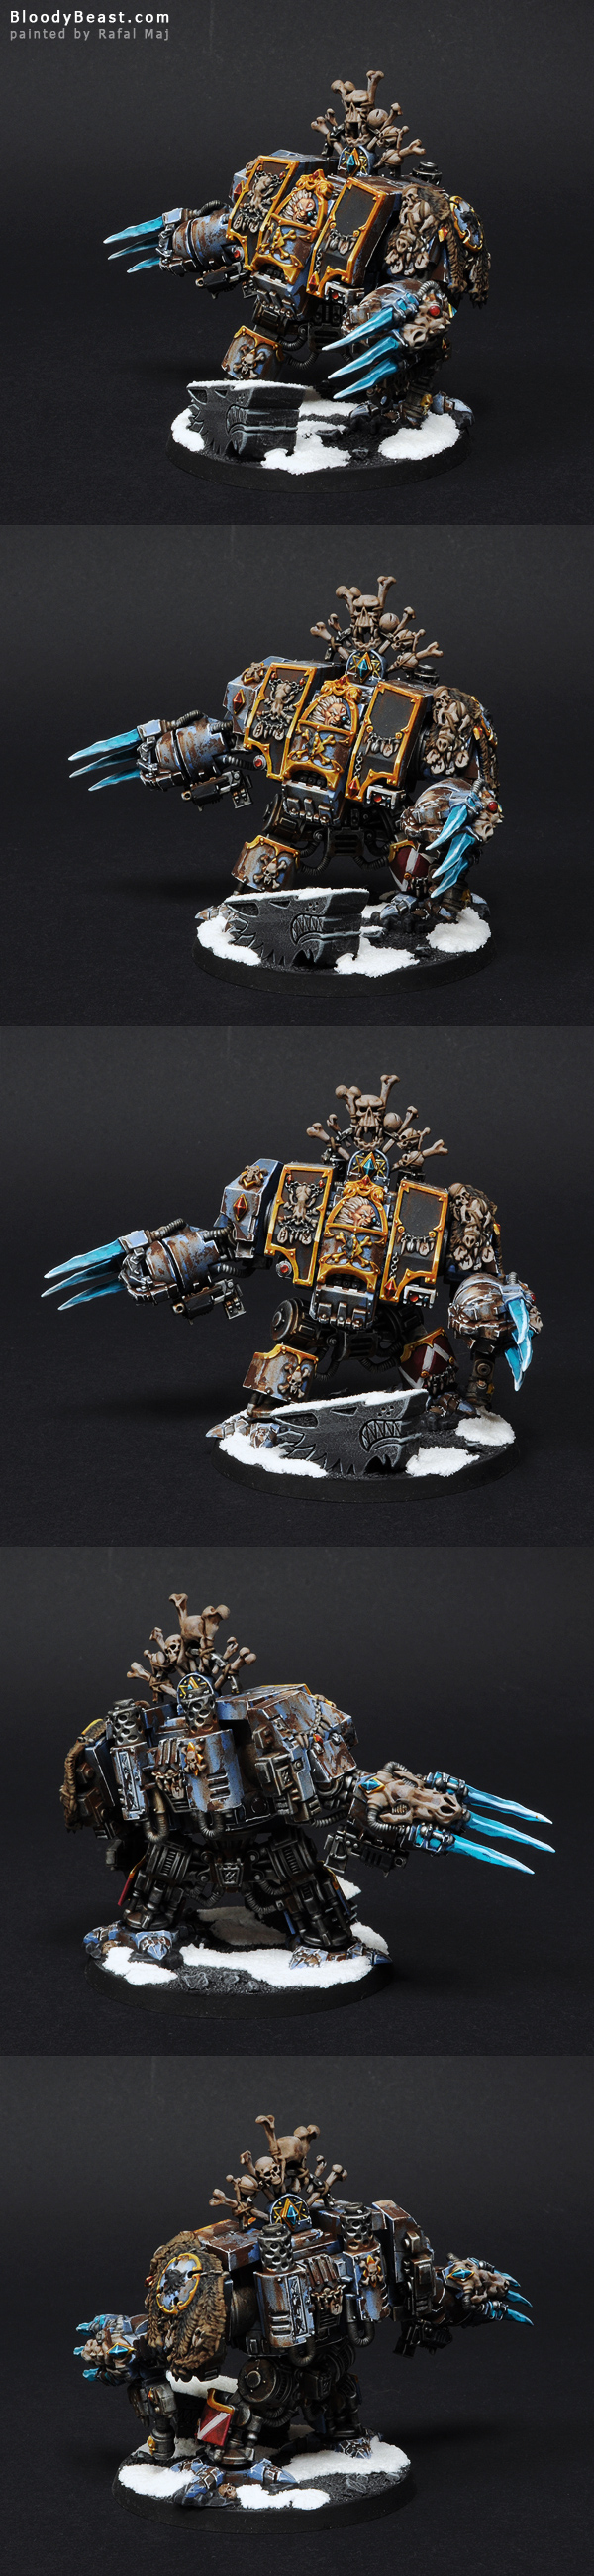 Space Wolves Murderfang painted by Rafal Maj (BloodyBeast.com)